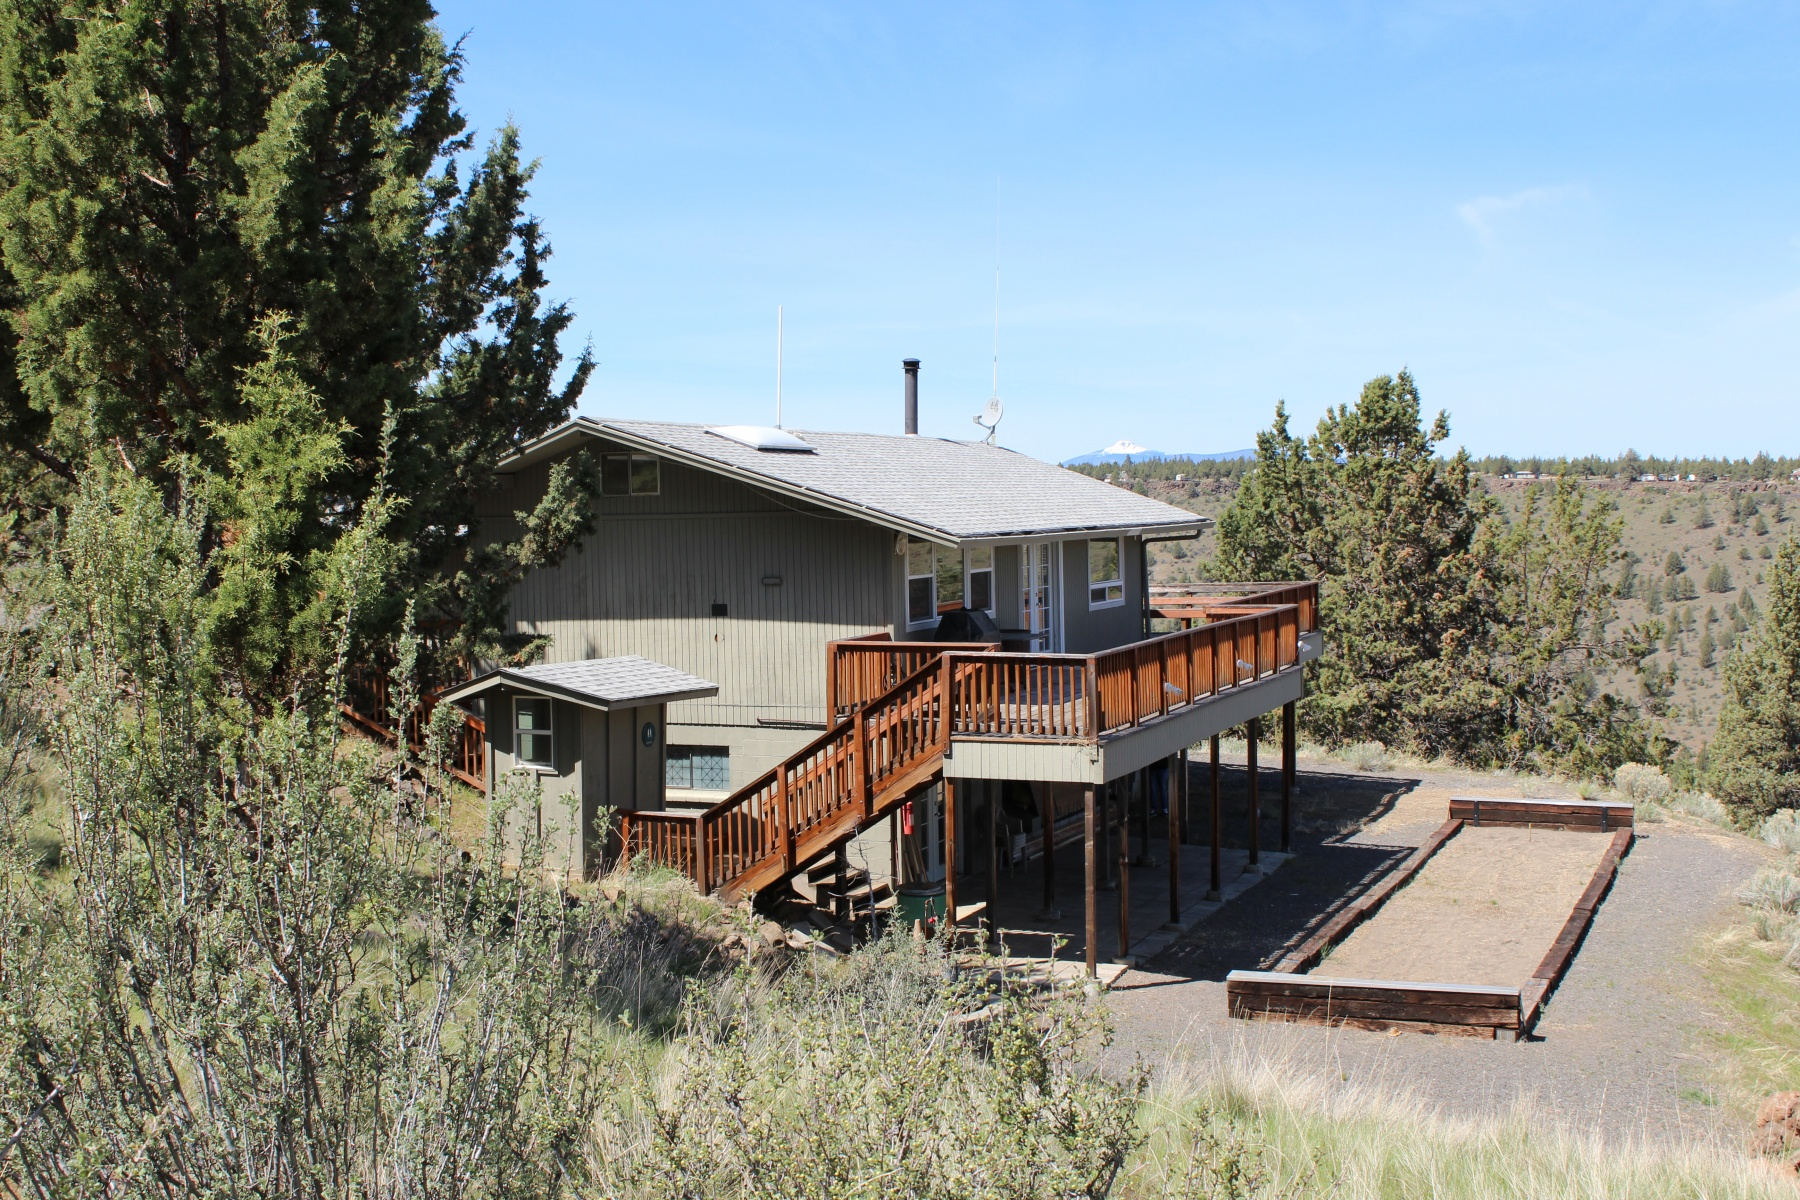 独户住宅 为 销售 在 Crown Pointe For Sale 11406 SW Upper Canyon Rim Dr 卡尔弗, 俄勒冈州, 97734 美国